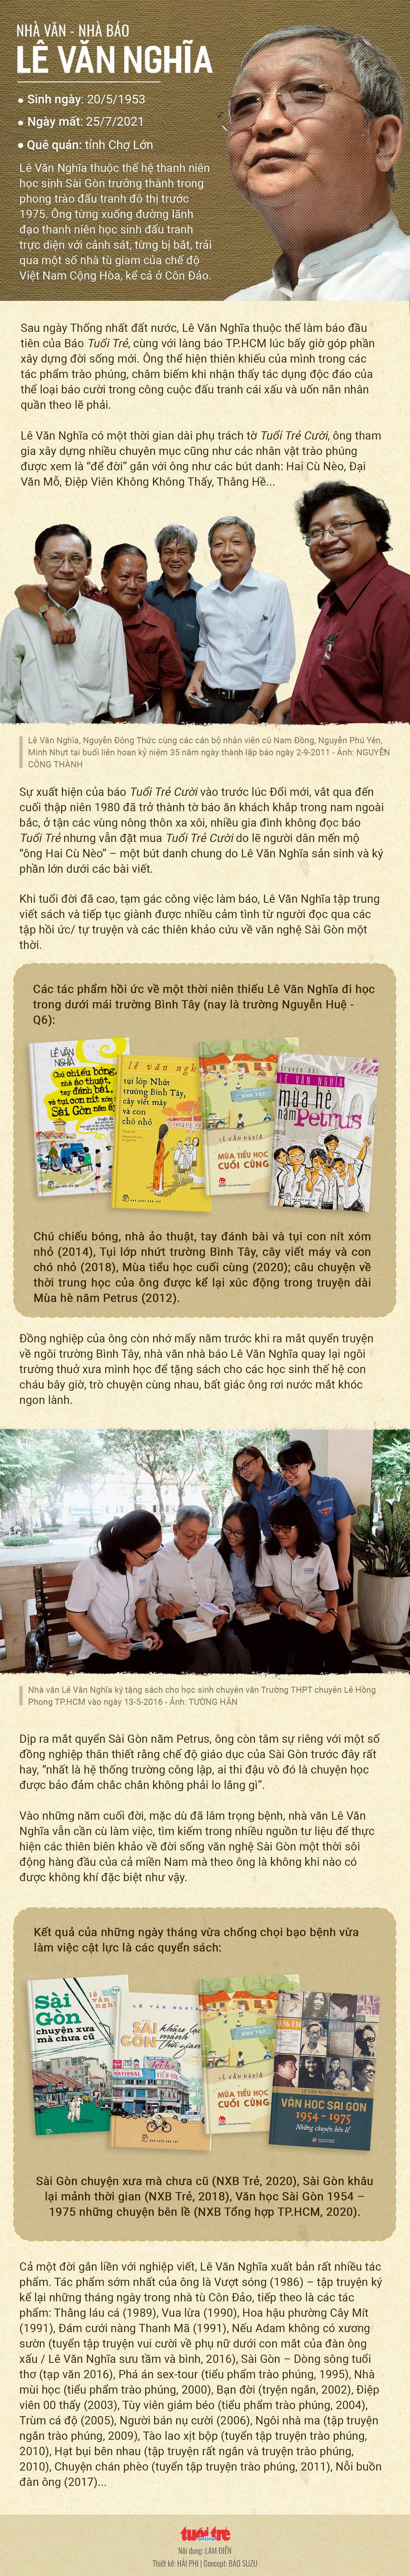 Nhớ anh Lê Văn Nghĩa: Một sát na vui vẻ của đường trần - Ảnh 5.